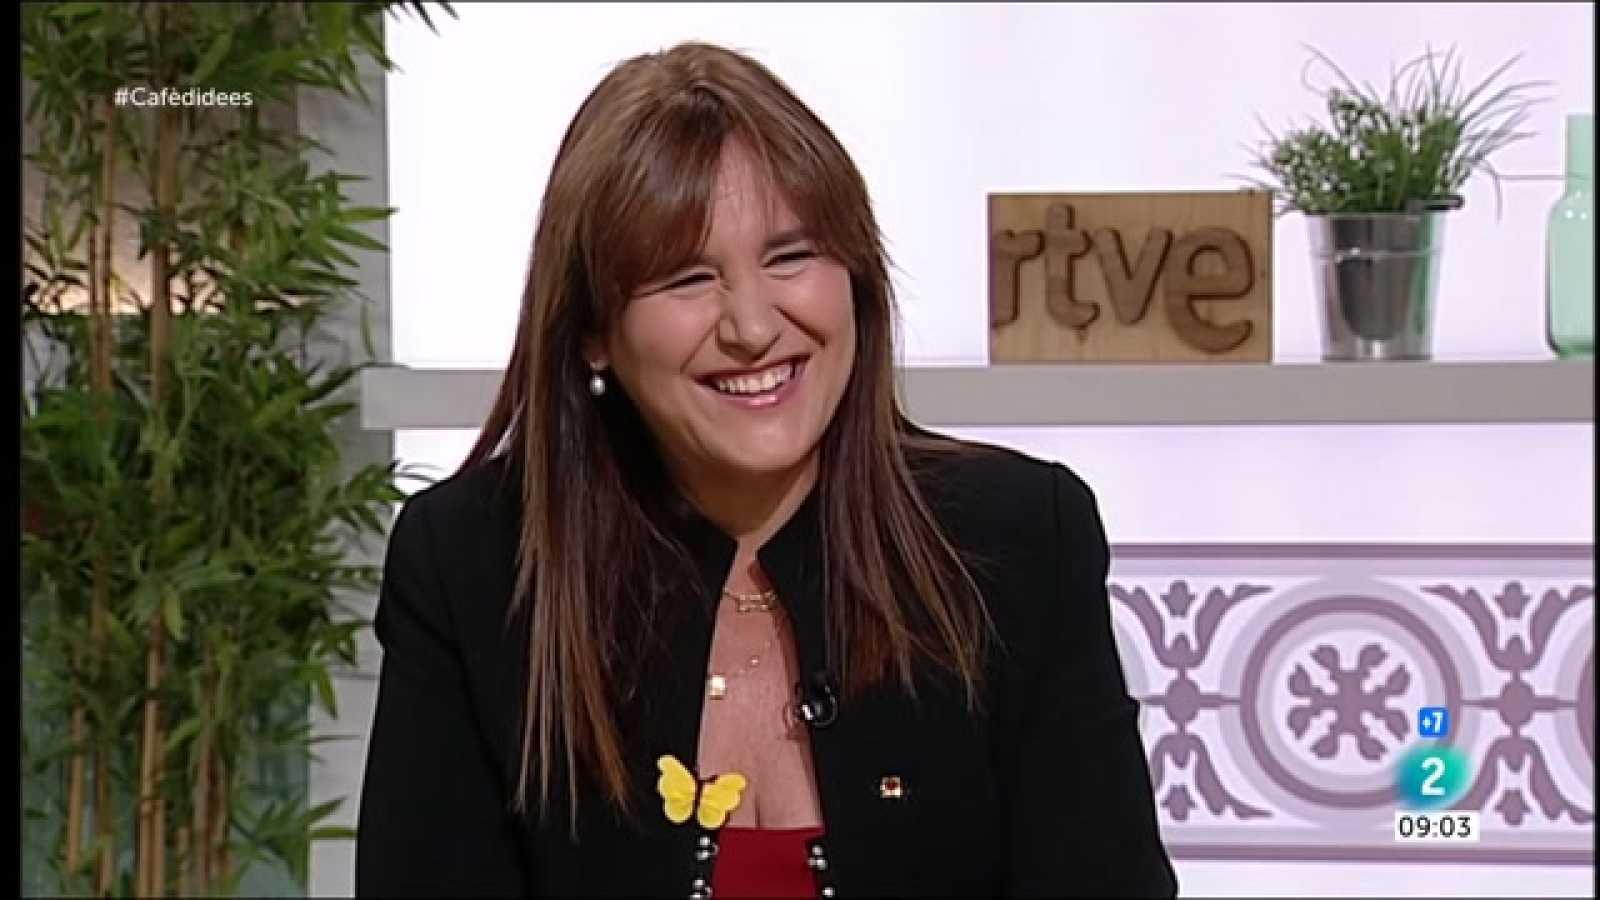 """Cafè d'idees - Laura Borràs, sobre Cuevillas: """"Hi ha debats que no estan oberts"""""""